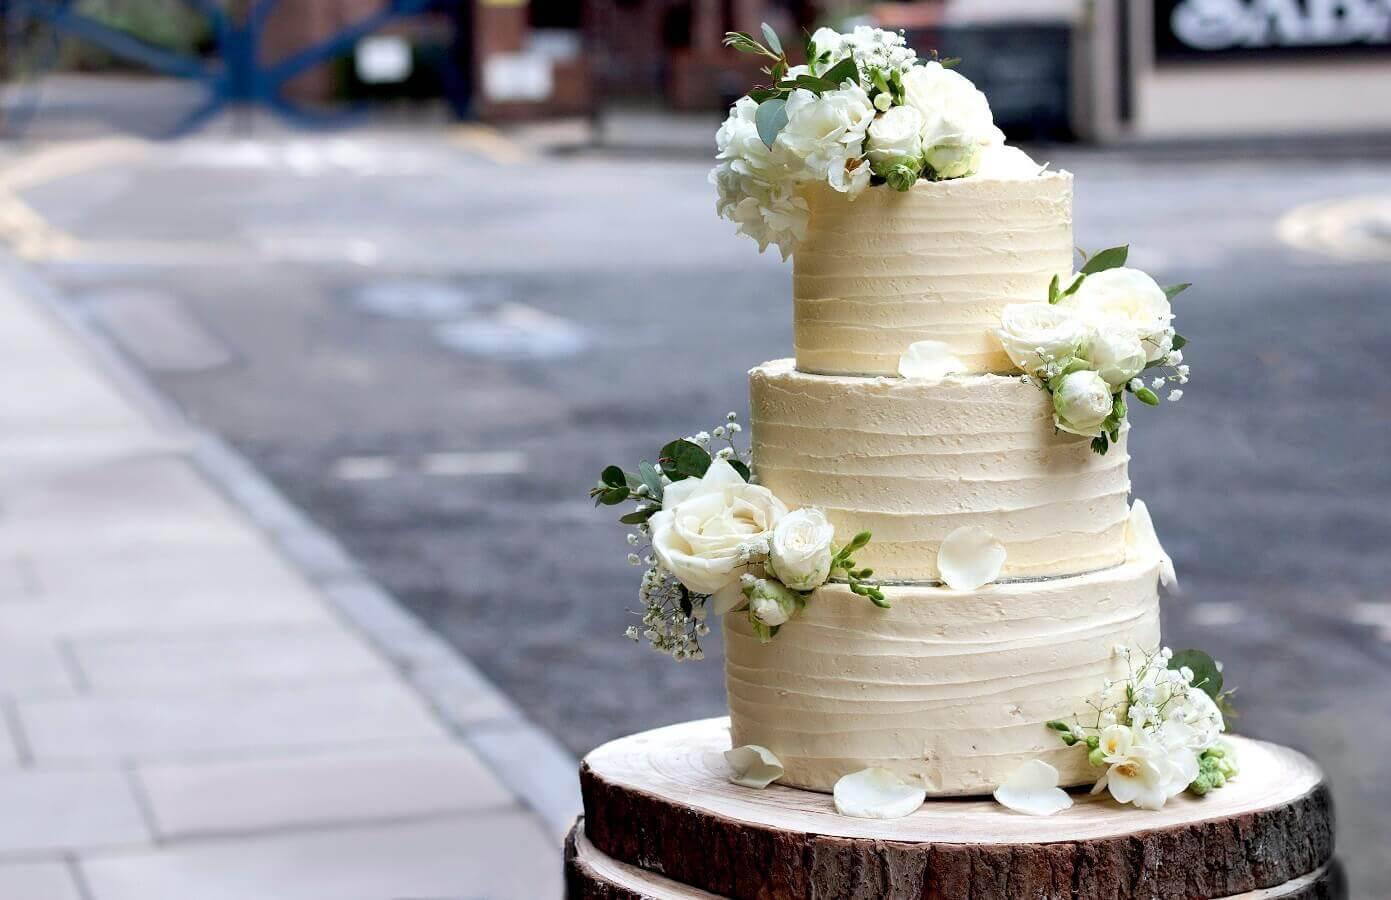 Vegan Bake-Off Winner Creates Vegan Version of the Royal Wedding Cake